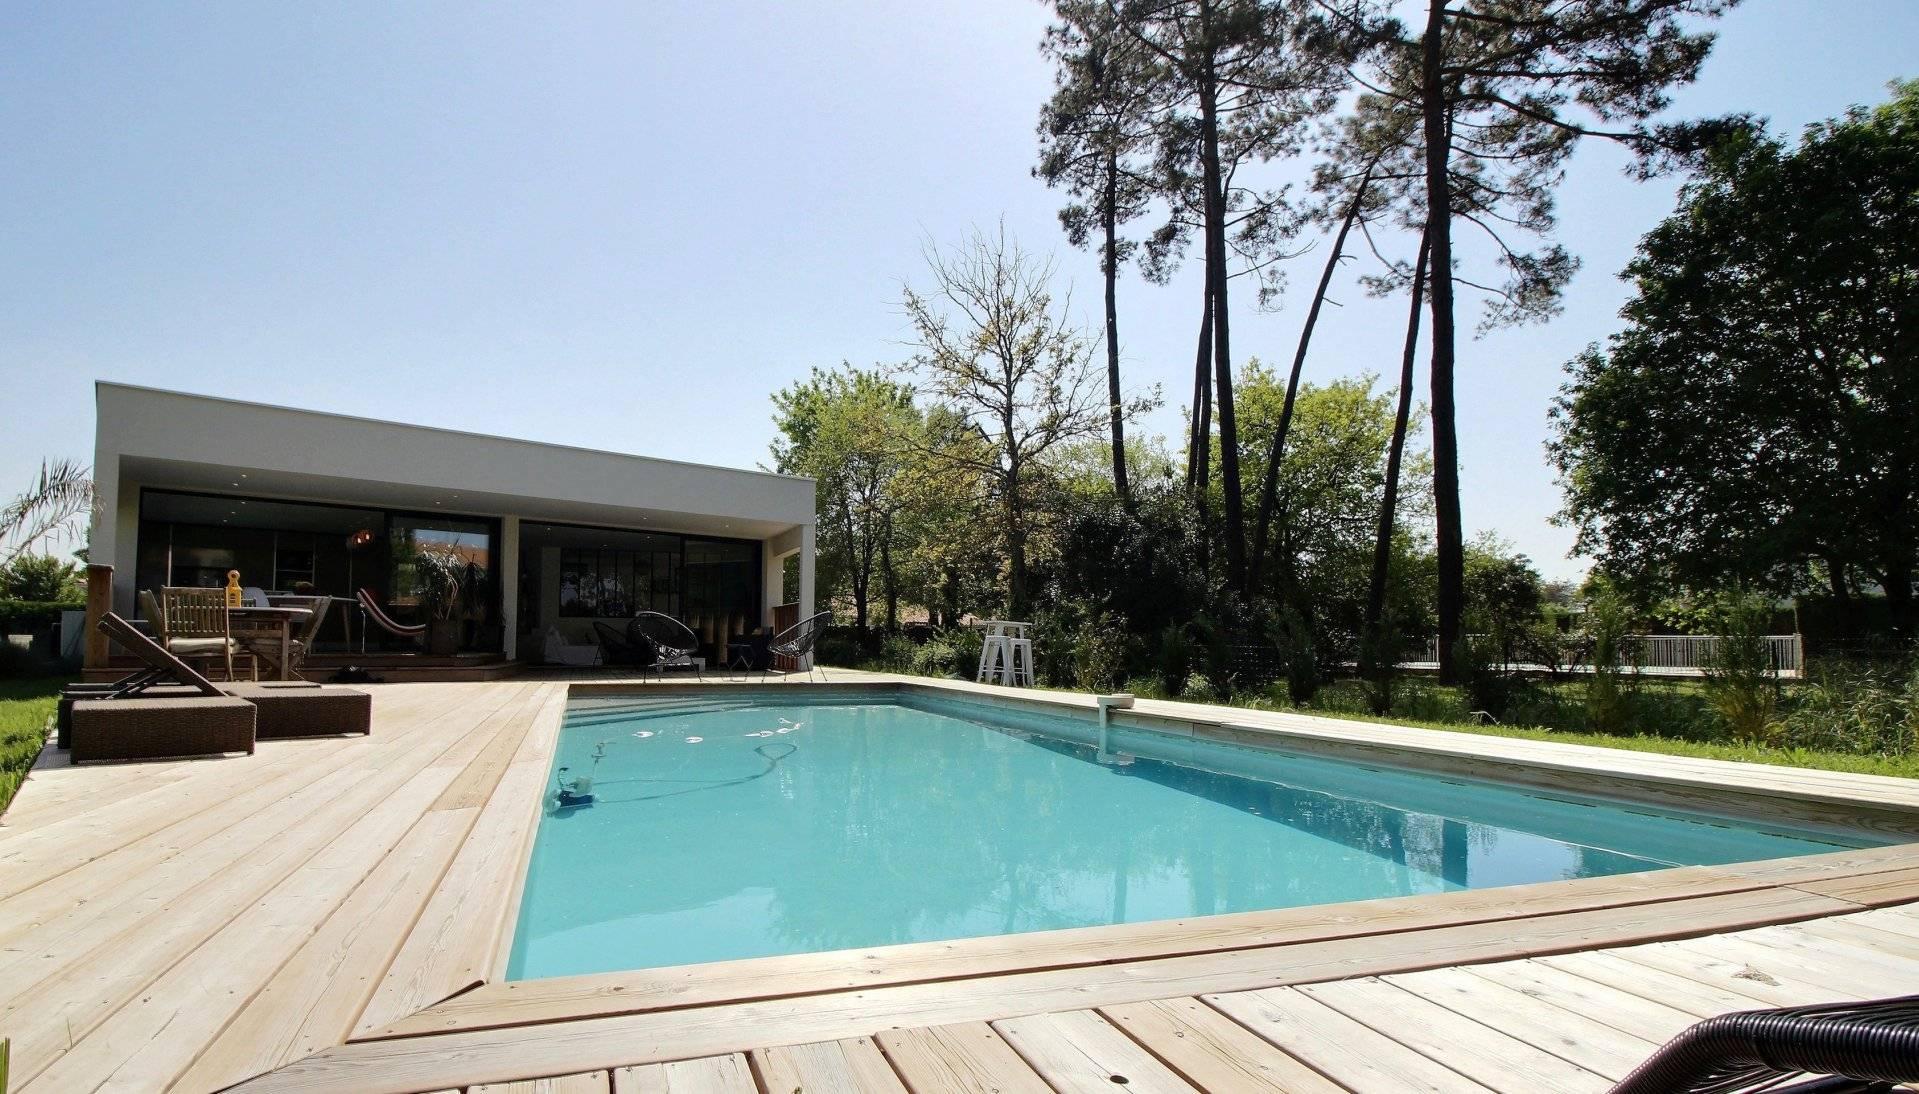 Vente maison neuve avec piscine GUJAN-MESTRAS